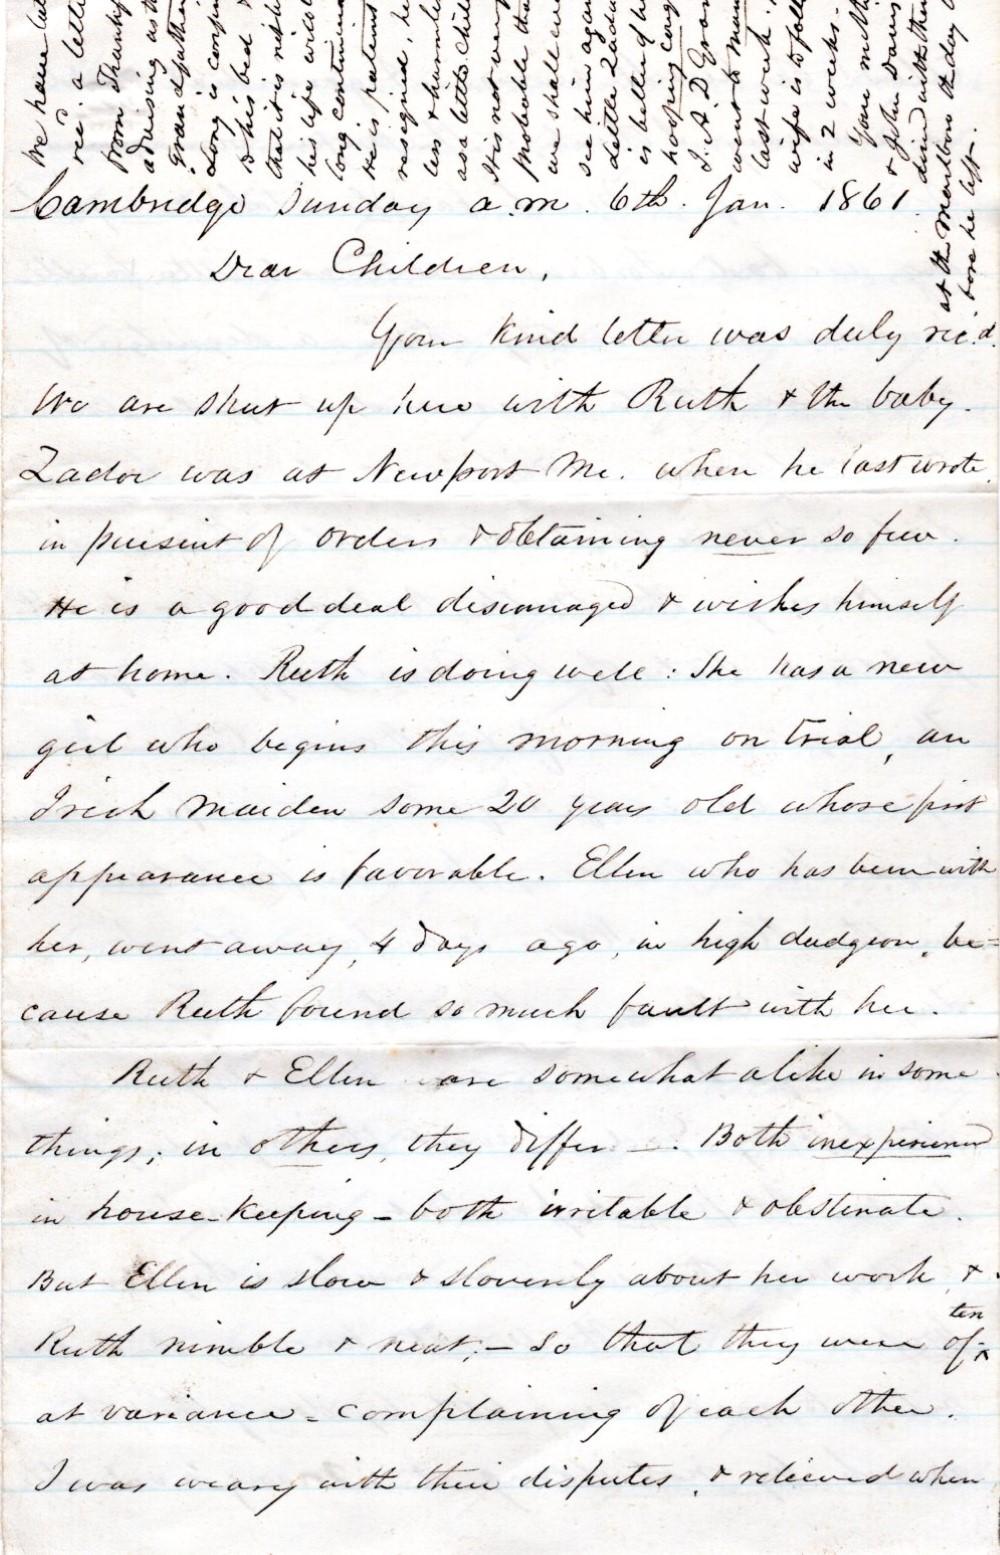 Letter written on eve of Civil War, 1861